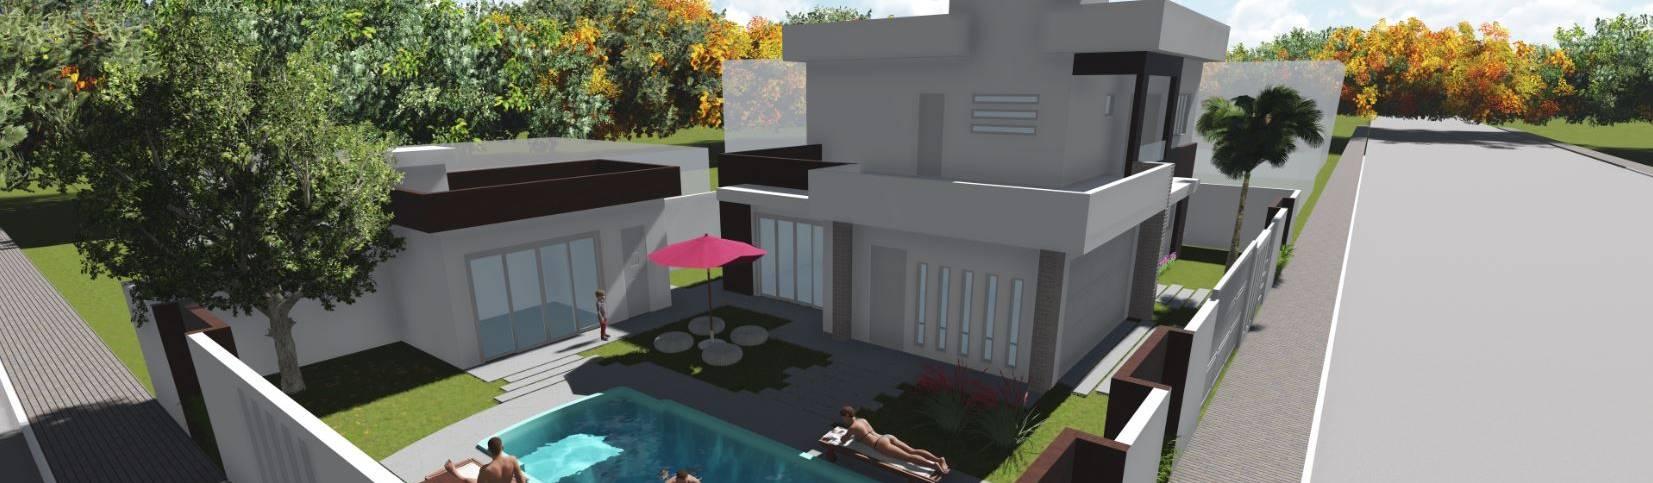 ELO – Arquitetura Integrada